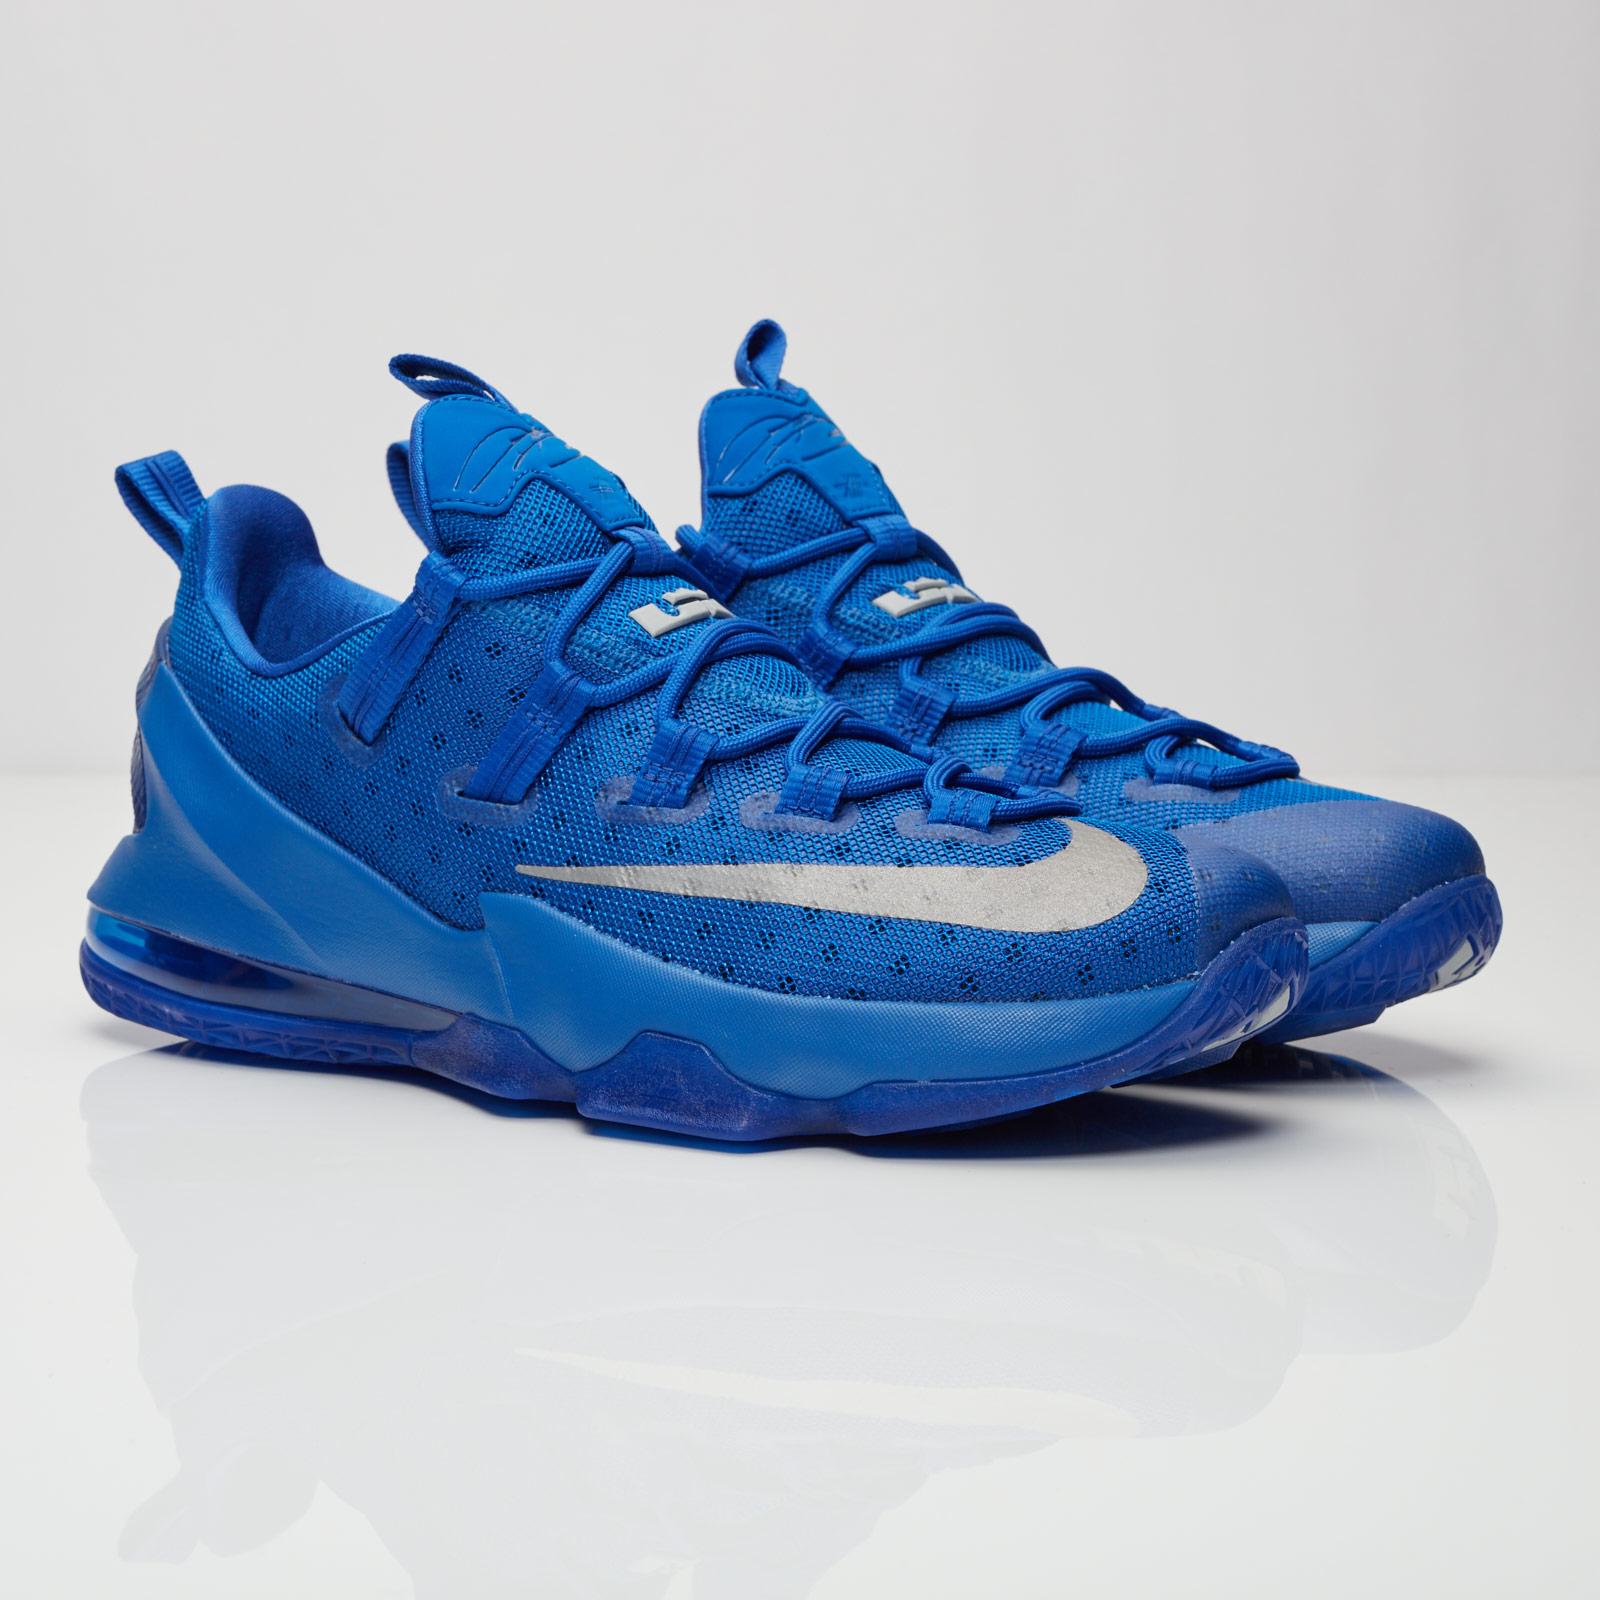 f84d145851c4 Nike Lebron XIII Low - 831925-400 - Sneakersnstuff